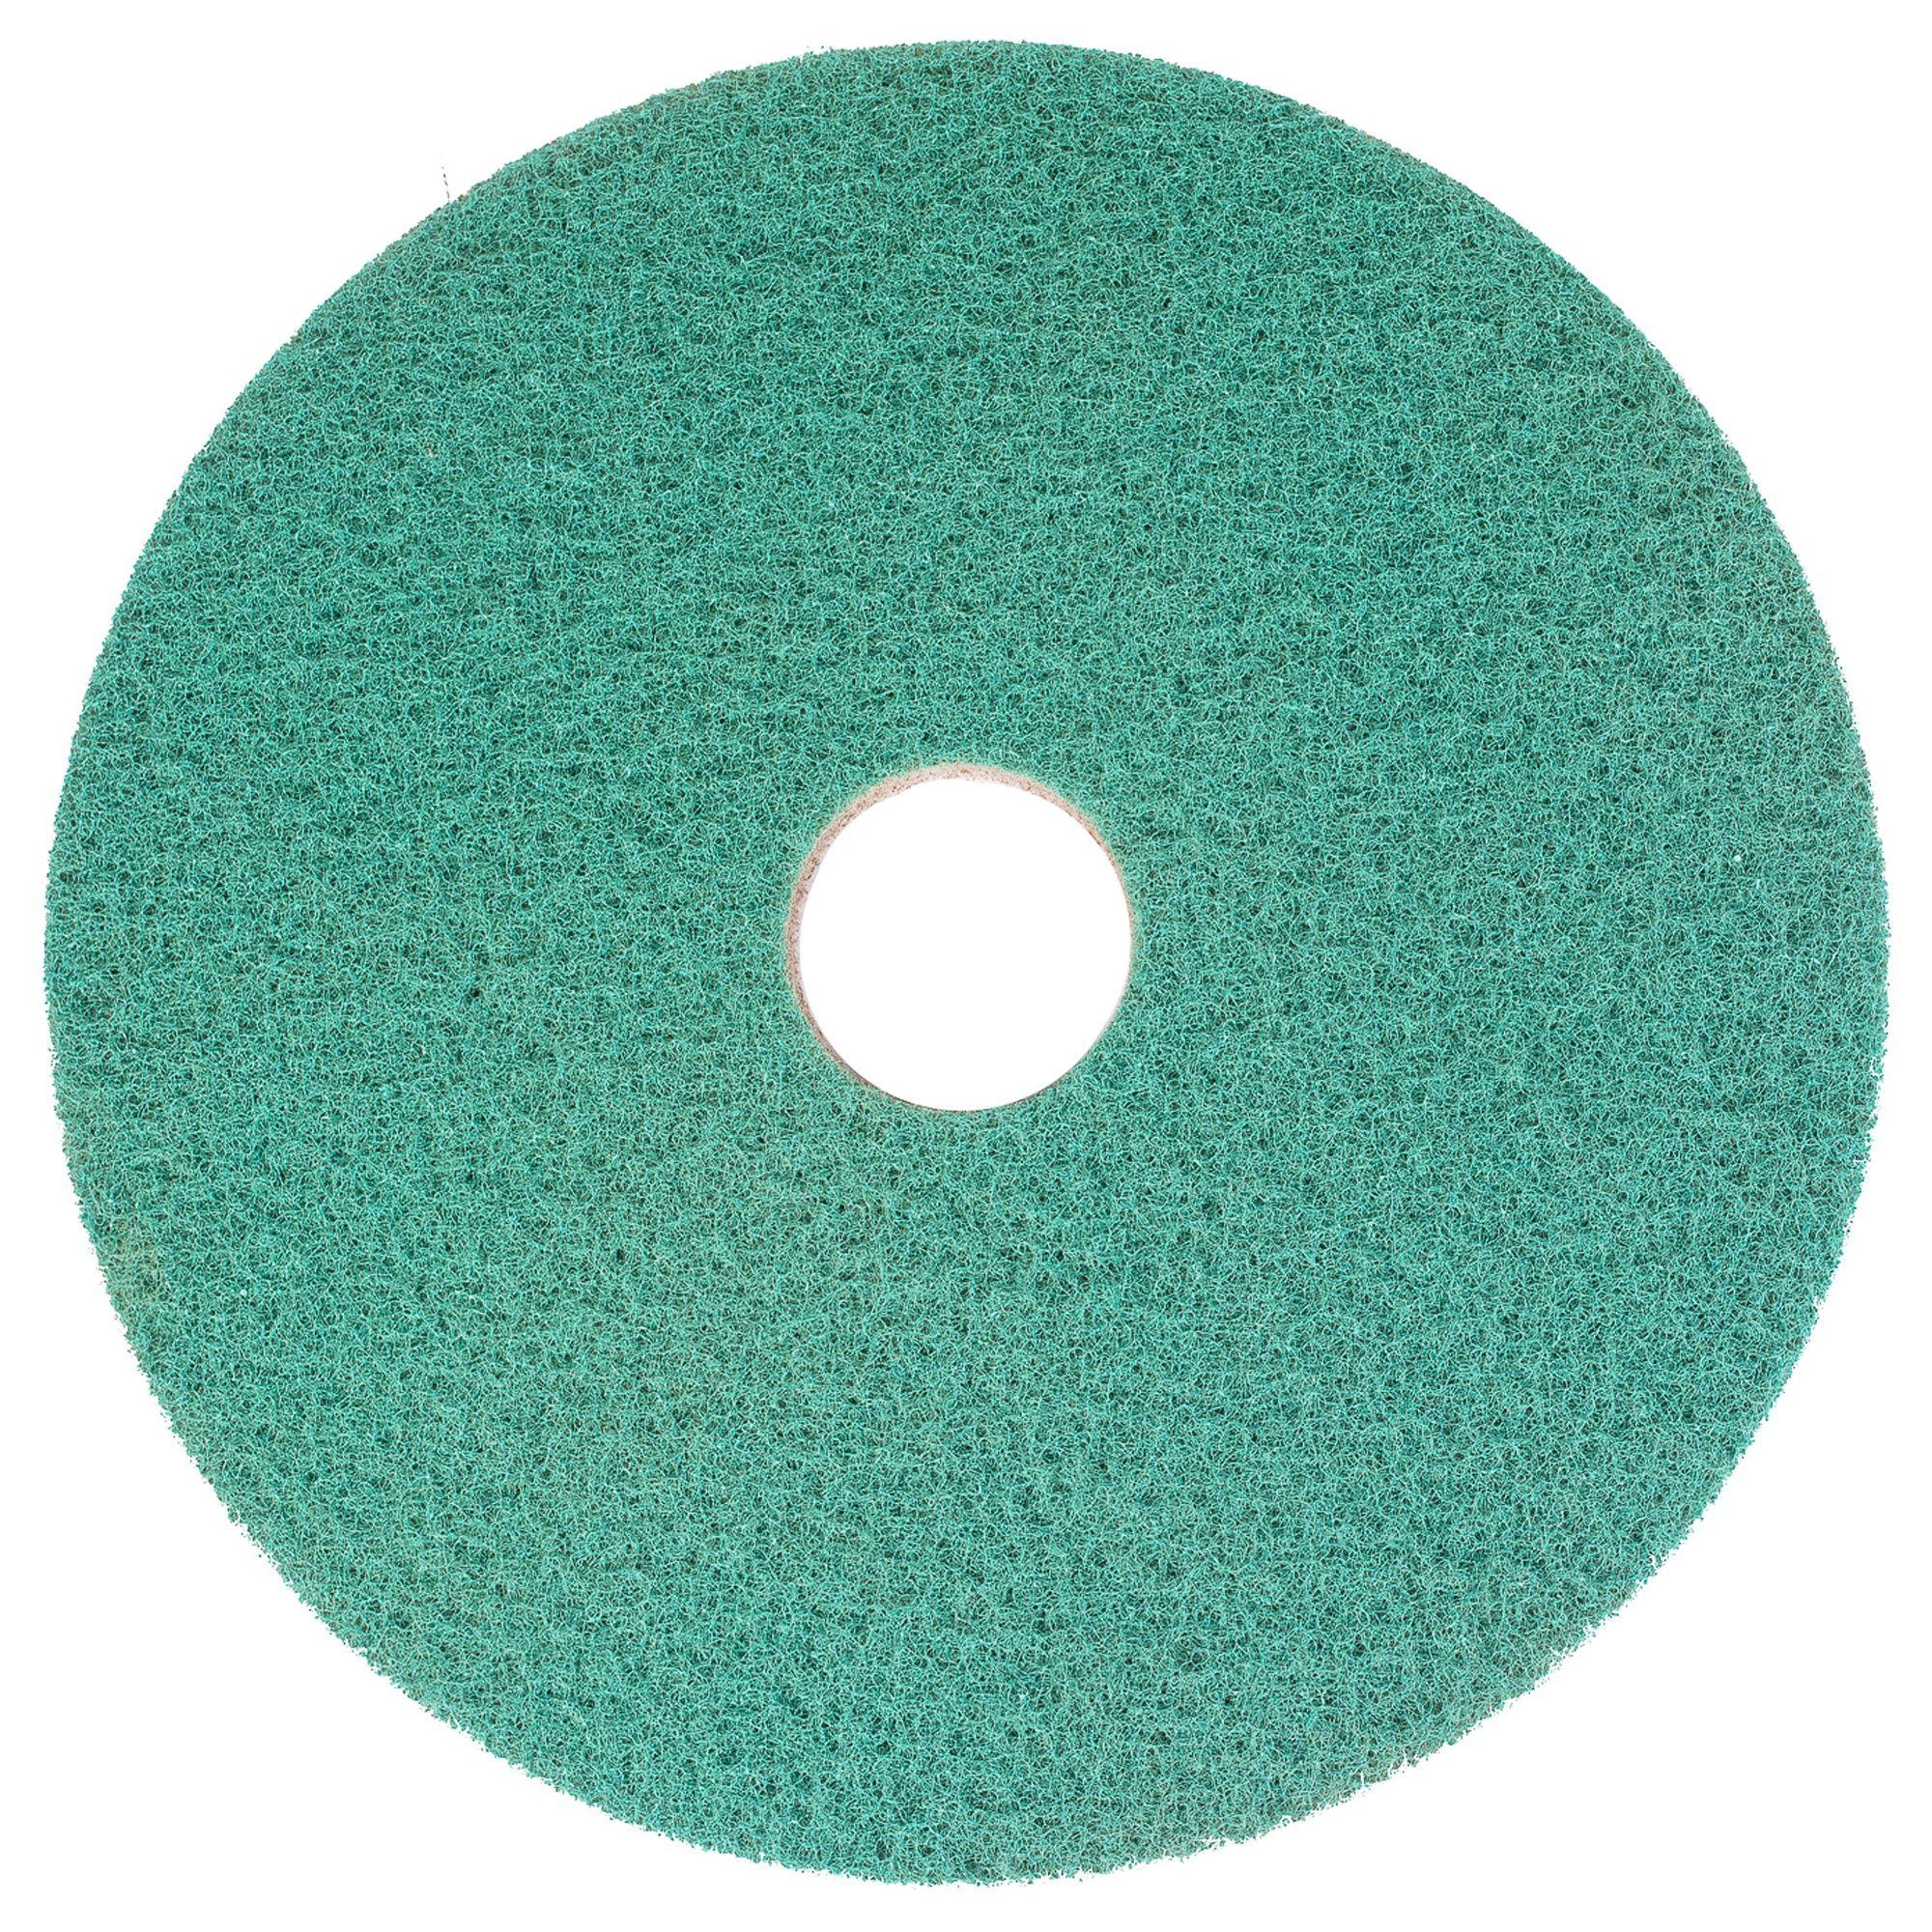 NuPad WaterOnly groen (polijsten), per 2 stuks, 11 inch / 280 mm